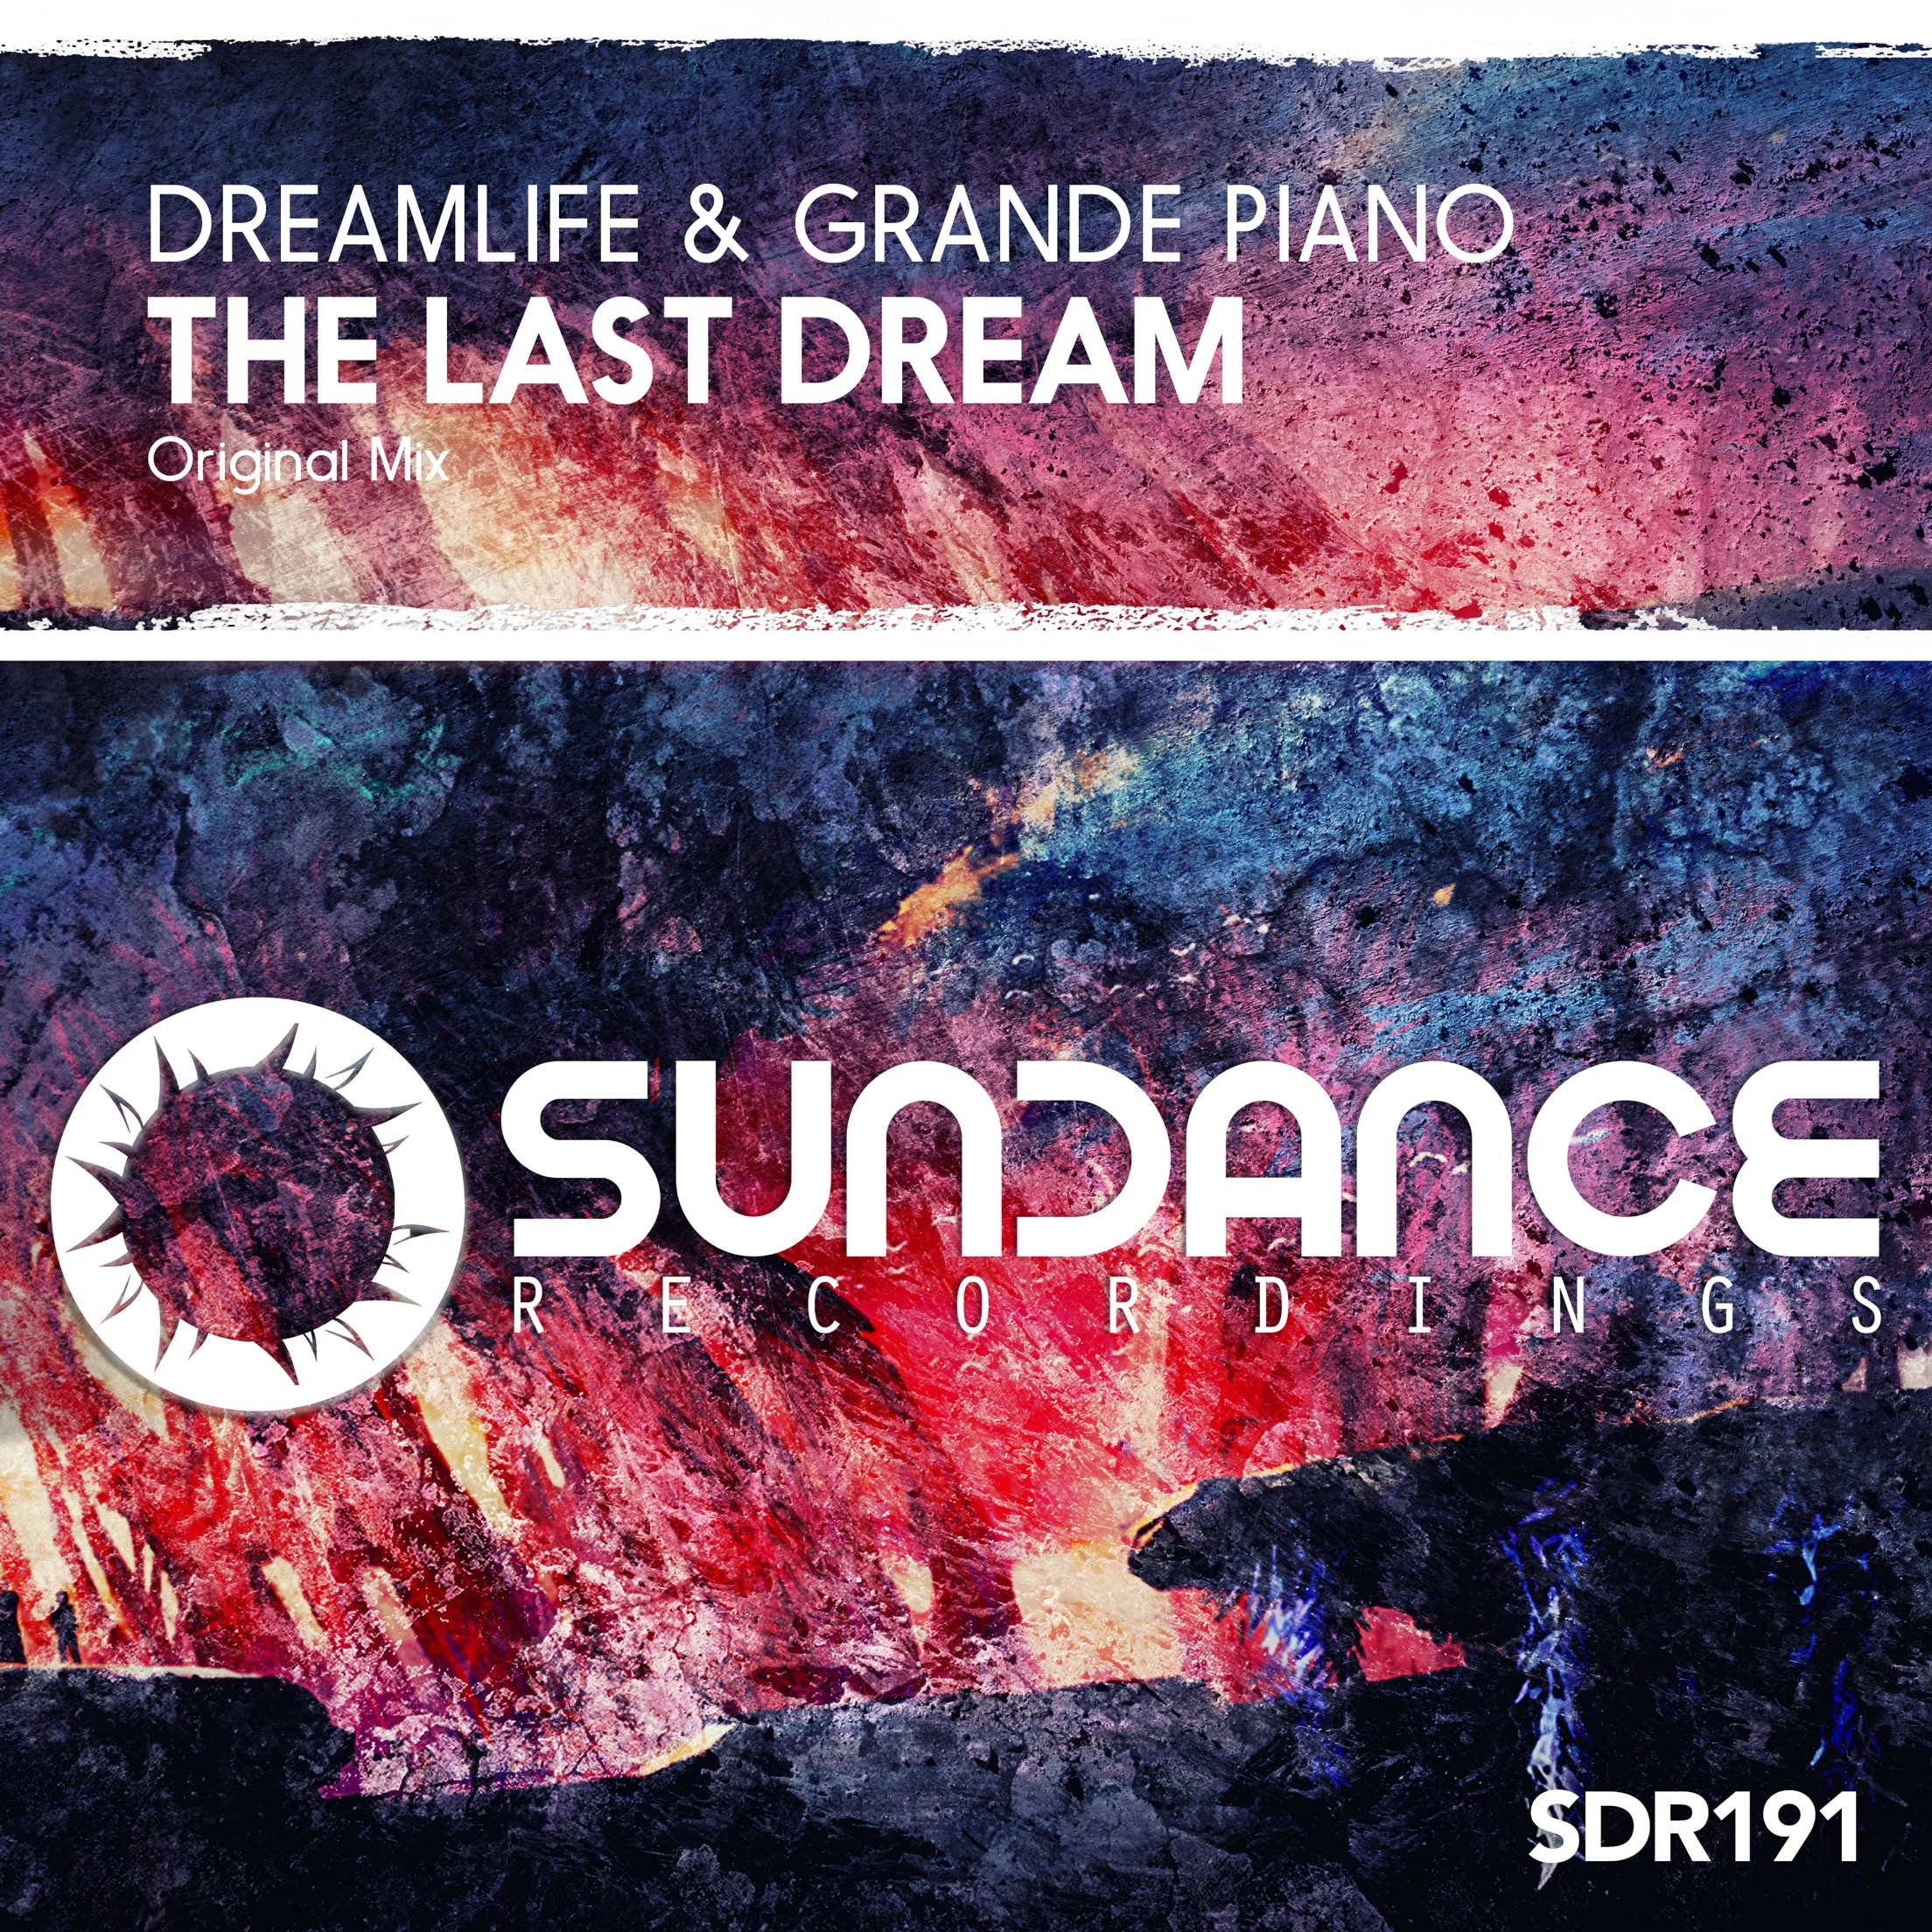 DreamLife & Grande Piano - The Last Dream